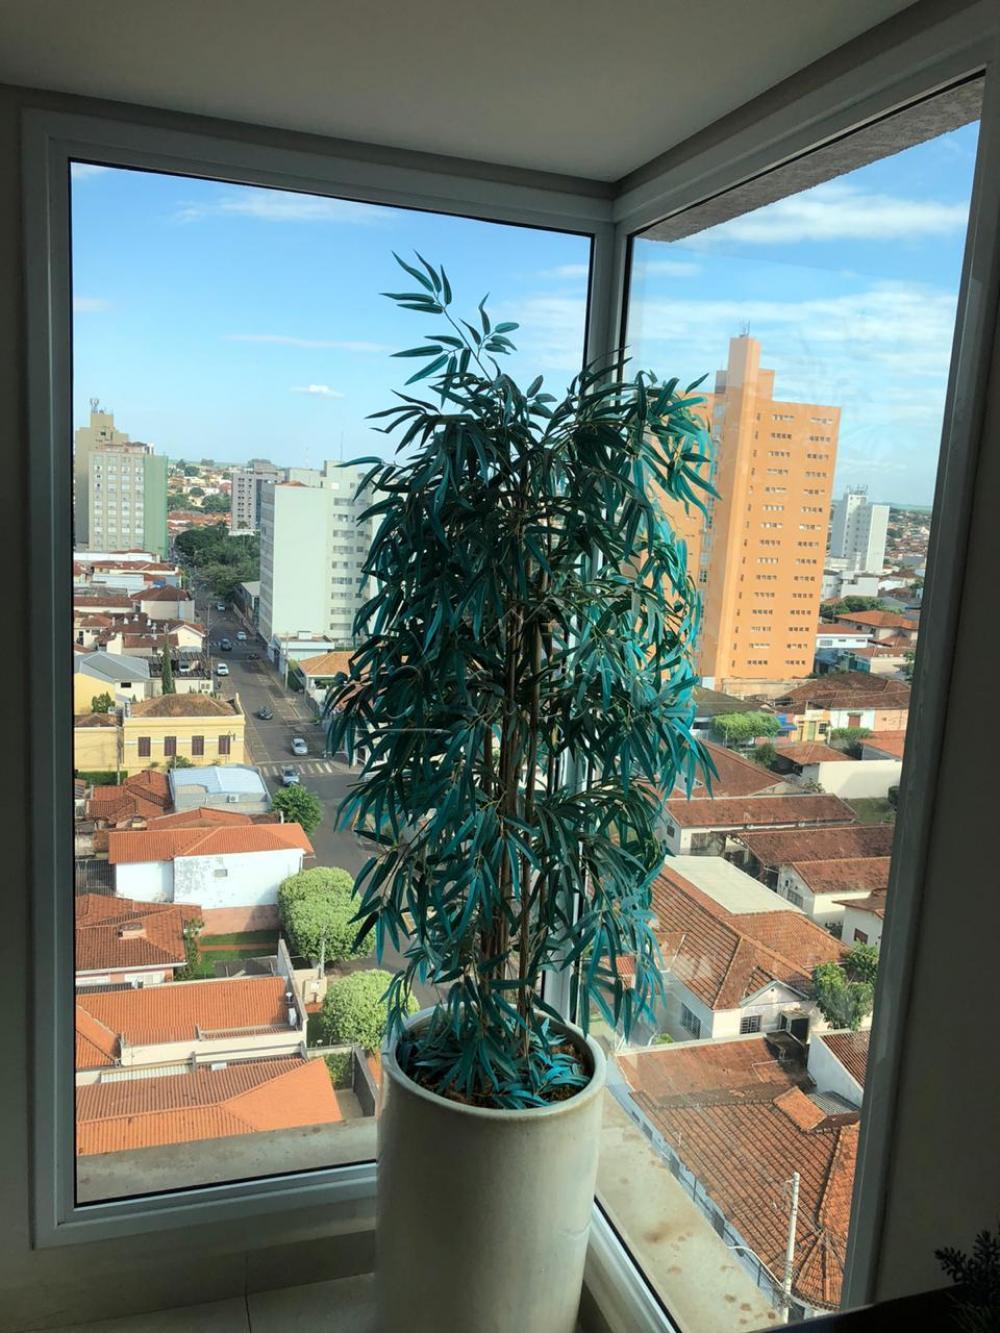 Comprar Apartamento / Padrão em Barretos apenas R$ 700.000,00 - Foto 33